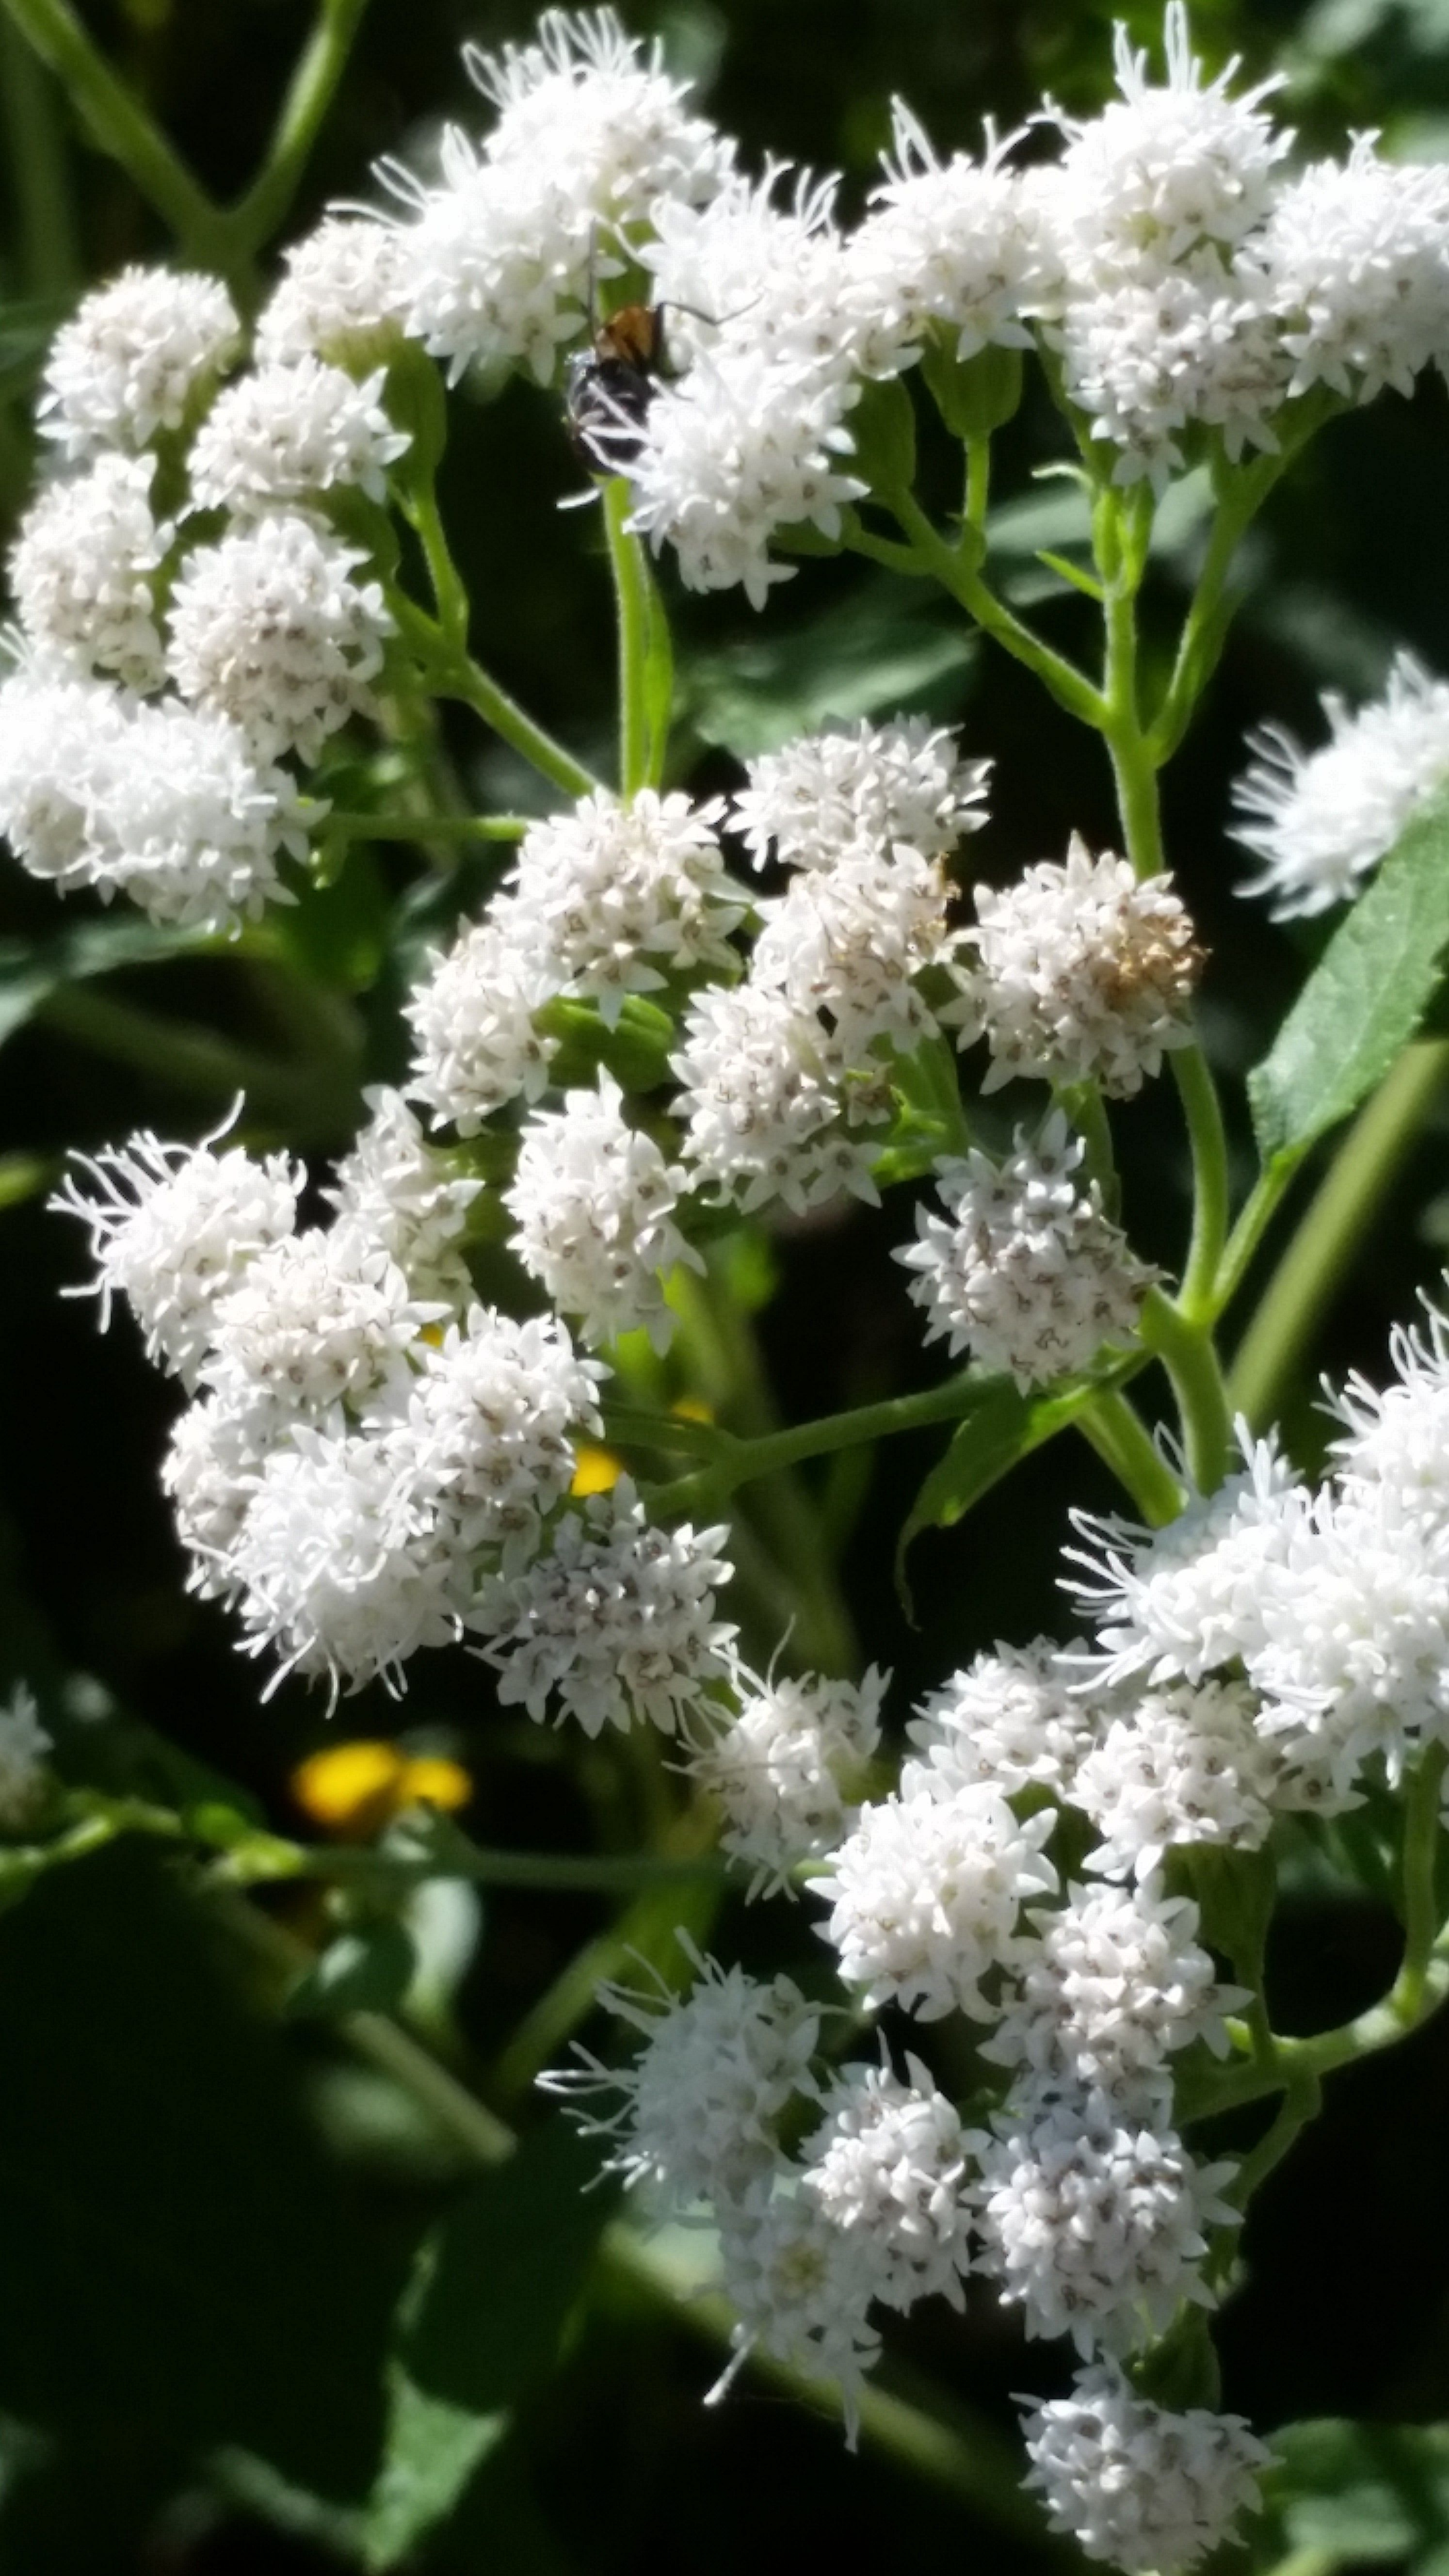 Common Boneset Eupatorium Perfoliatum Is An Upright Perennial